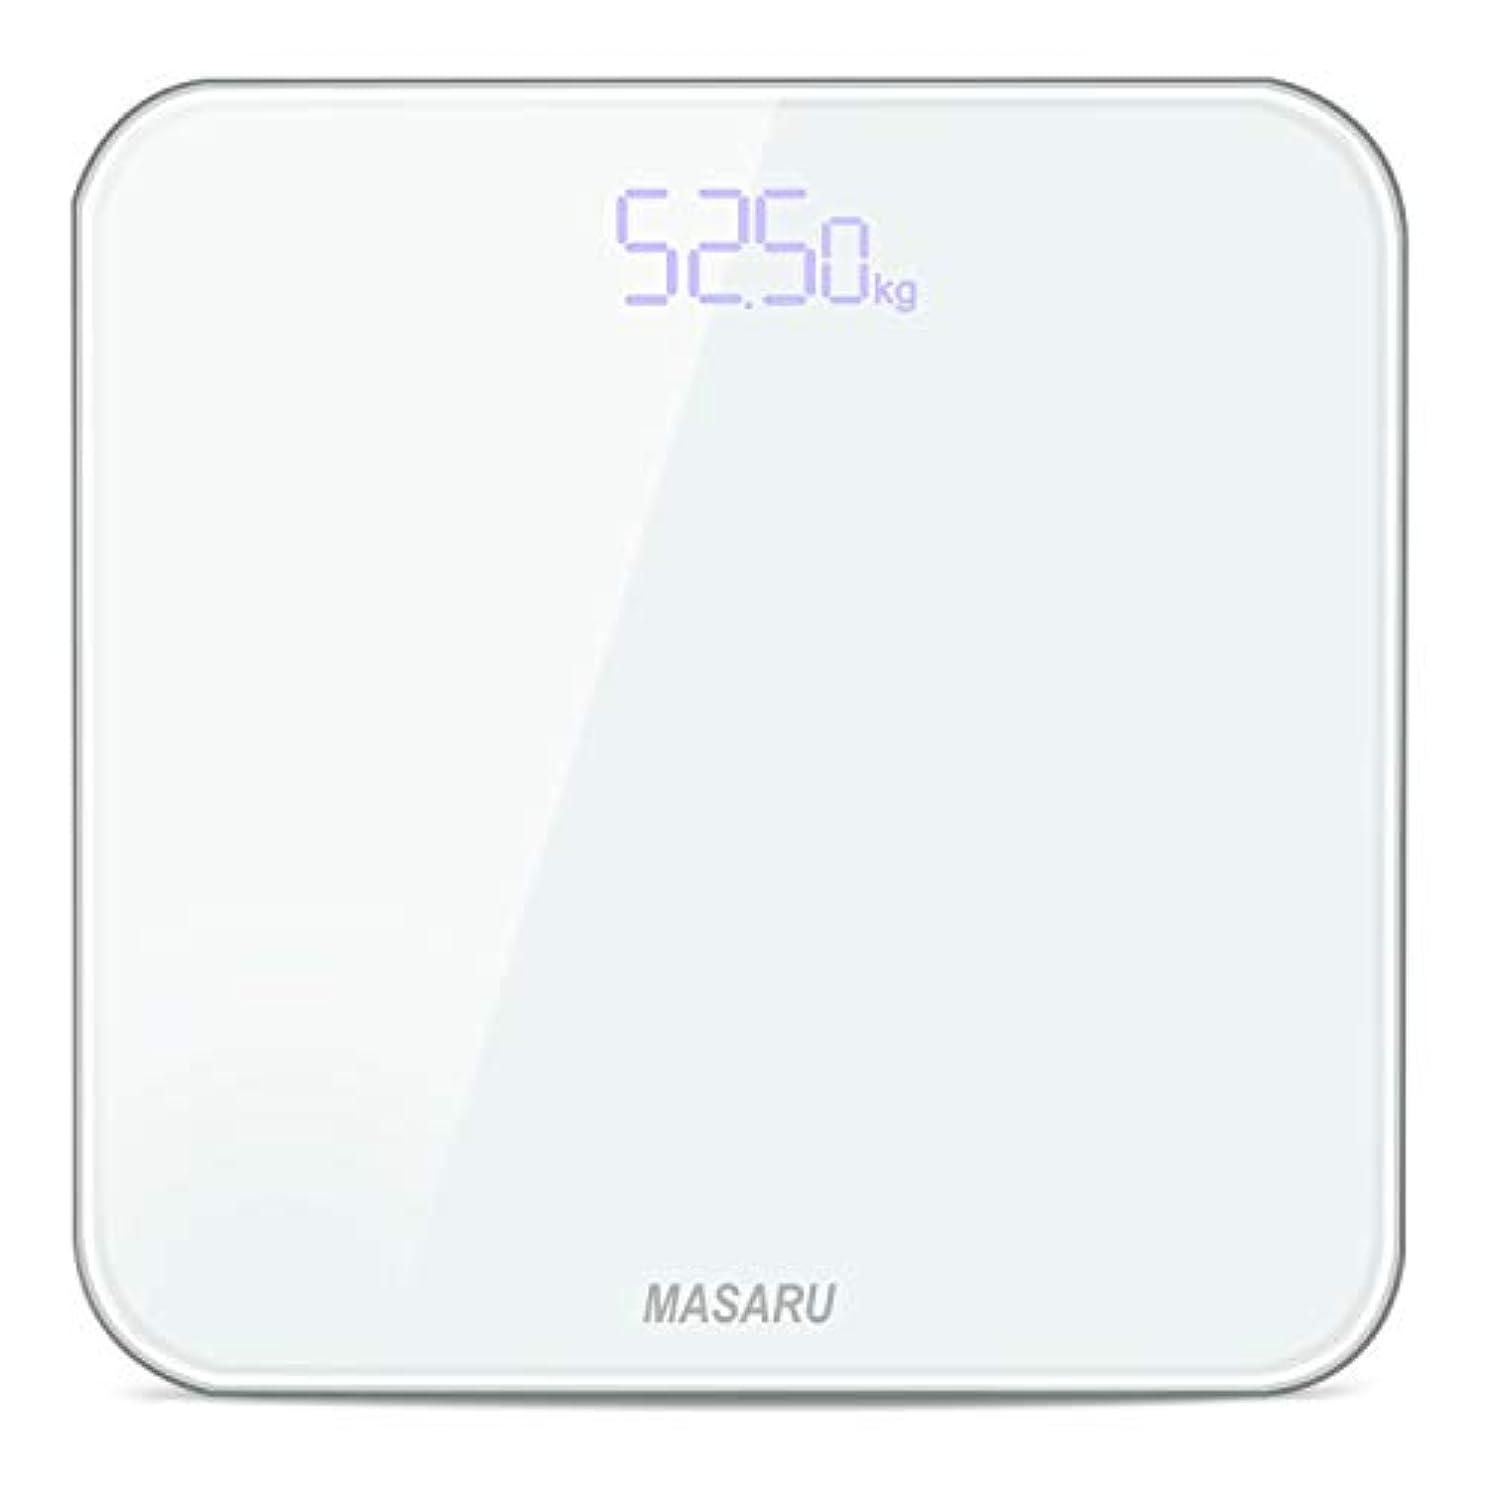 天才カッタースパークMASARU ヘルスメーター 体重計 デジタル 乗るだけ 電源自動ON/OFF バックライト付 180kgまで対応 高精度 ボディスケール(電池付属)